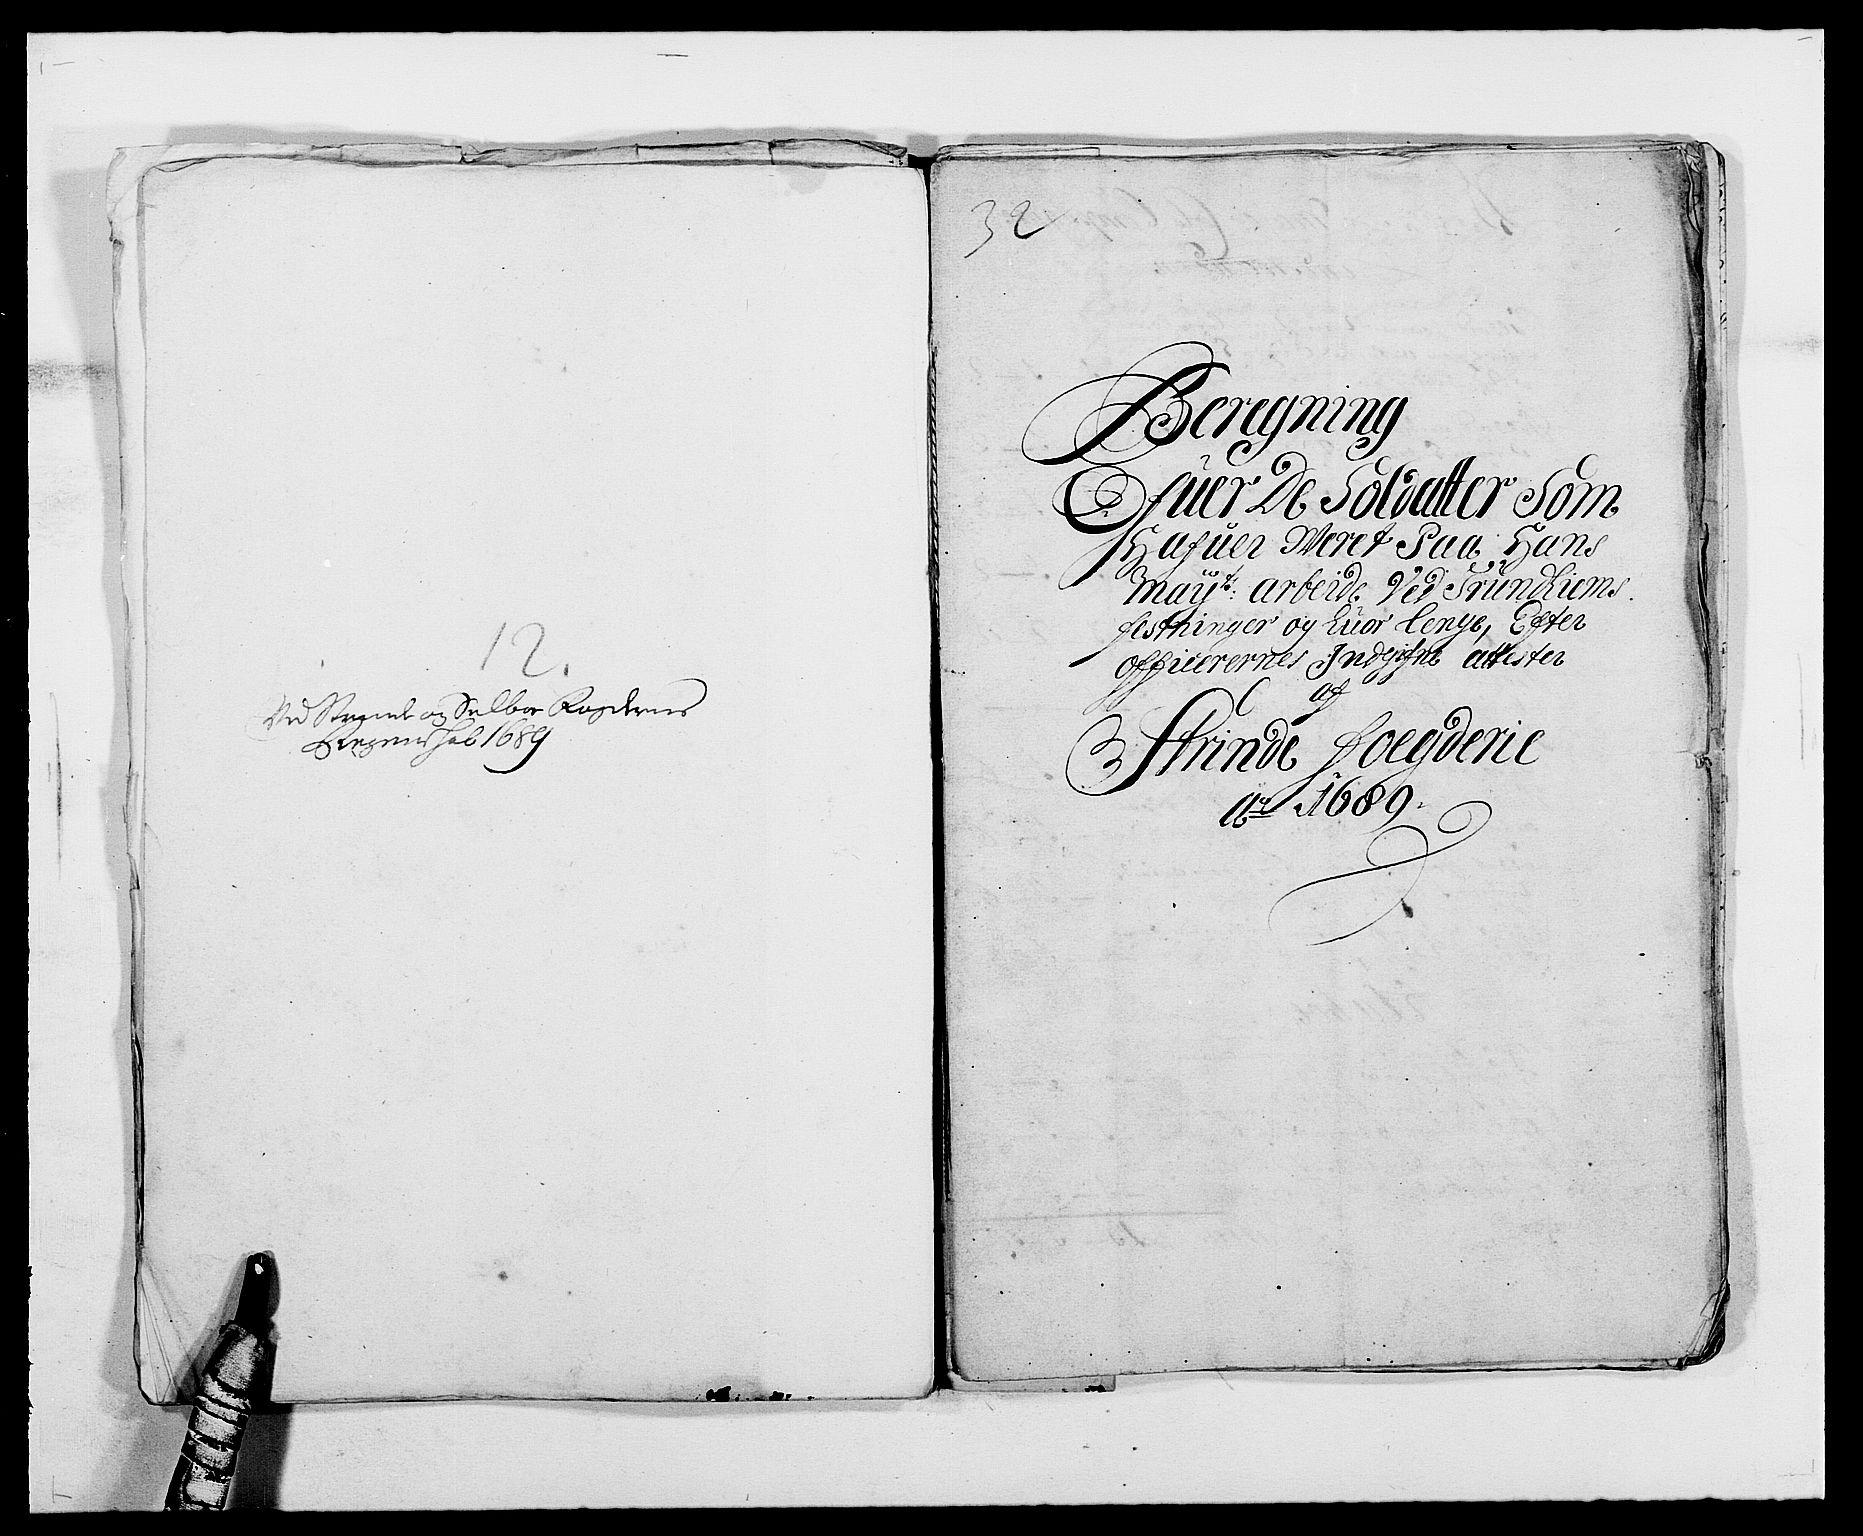 RA, Rentekammeret inntil 1814, Reviderte regnskaper, Fogderegnskap, R61/L4102: Fogderegnskap Strinda og Selbu, 1689-1690, s. 71